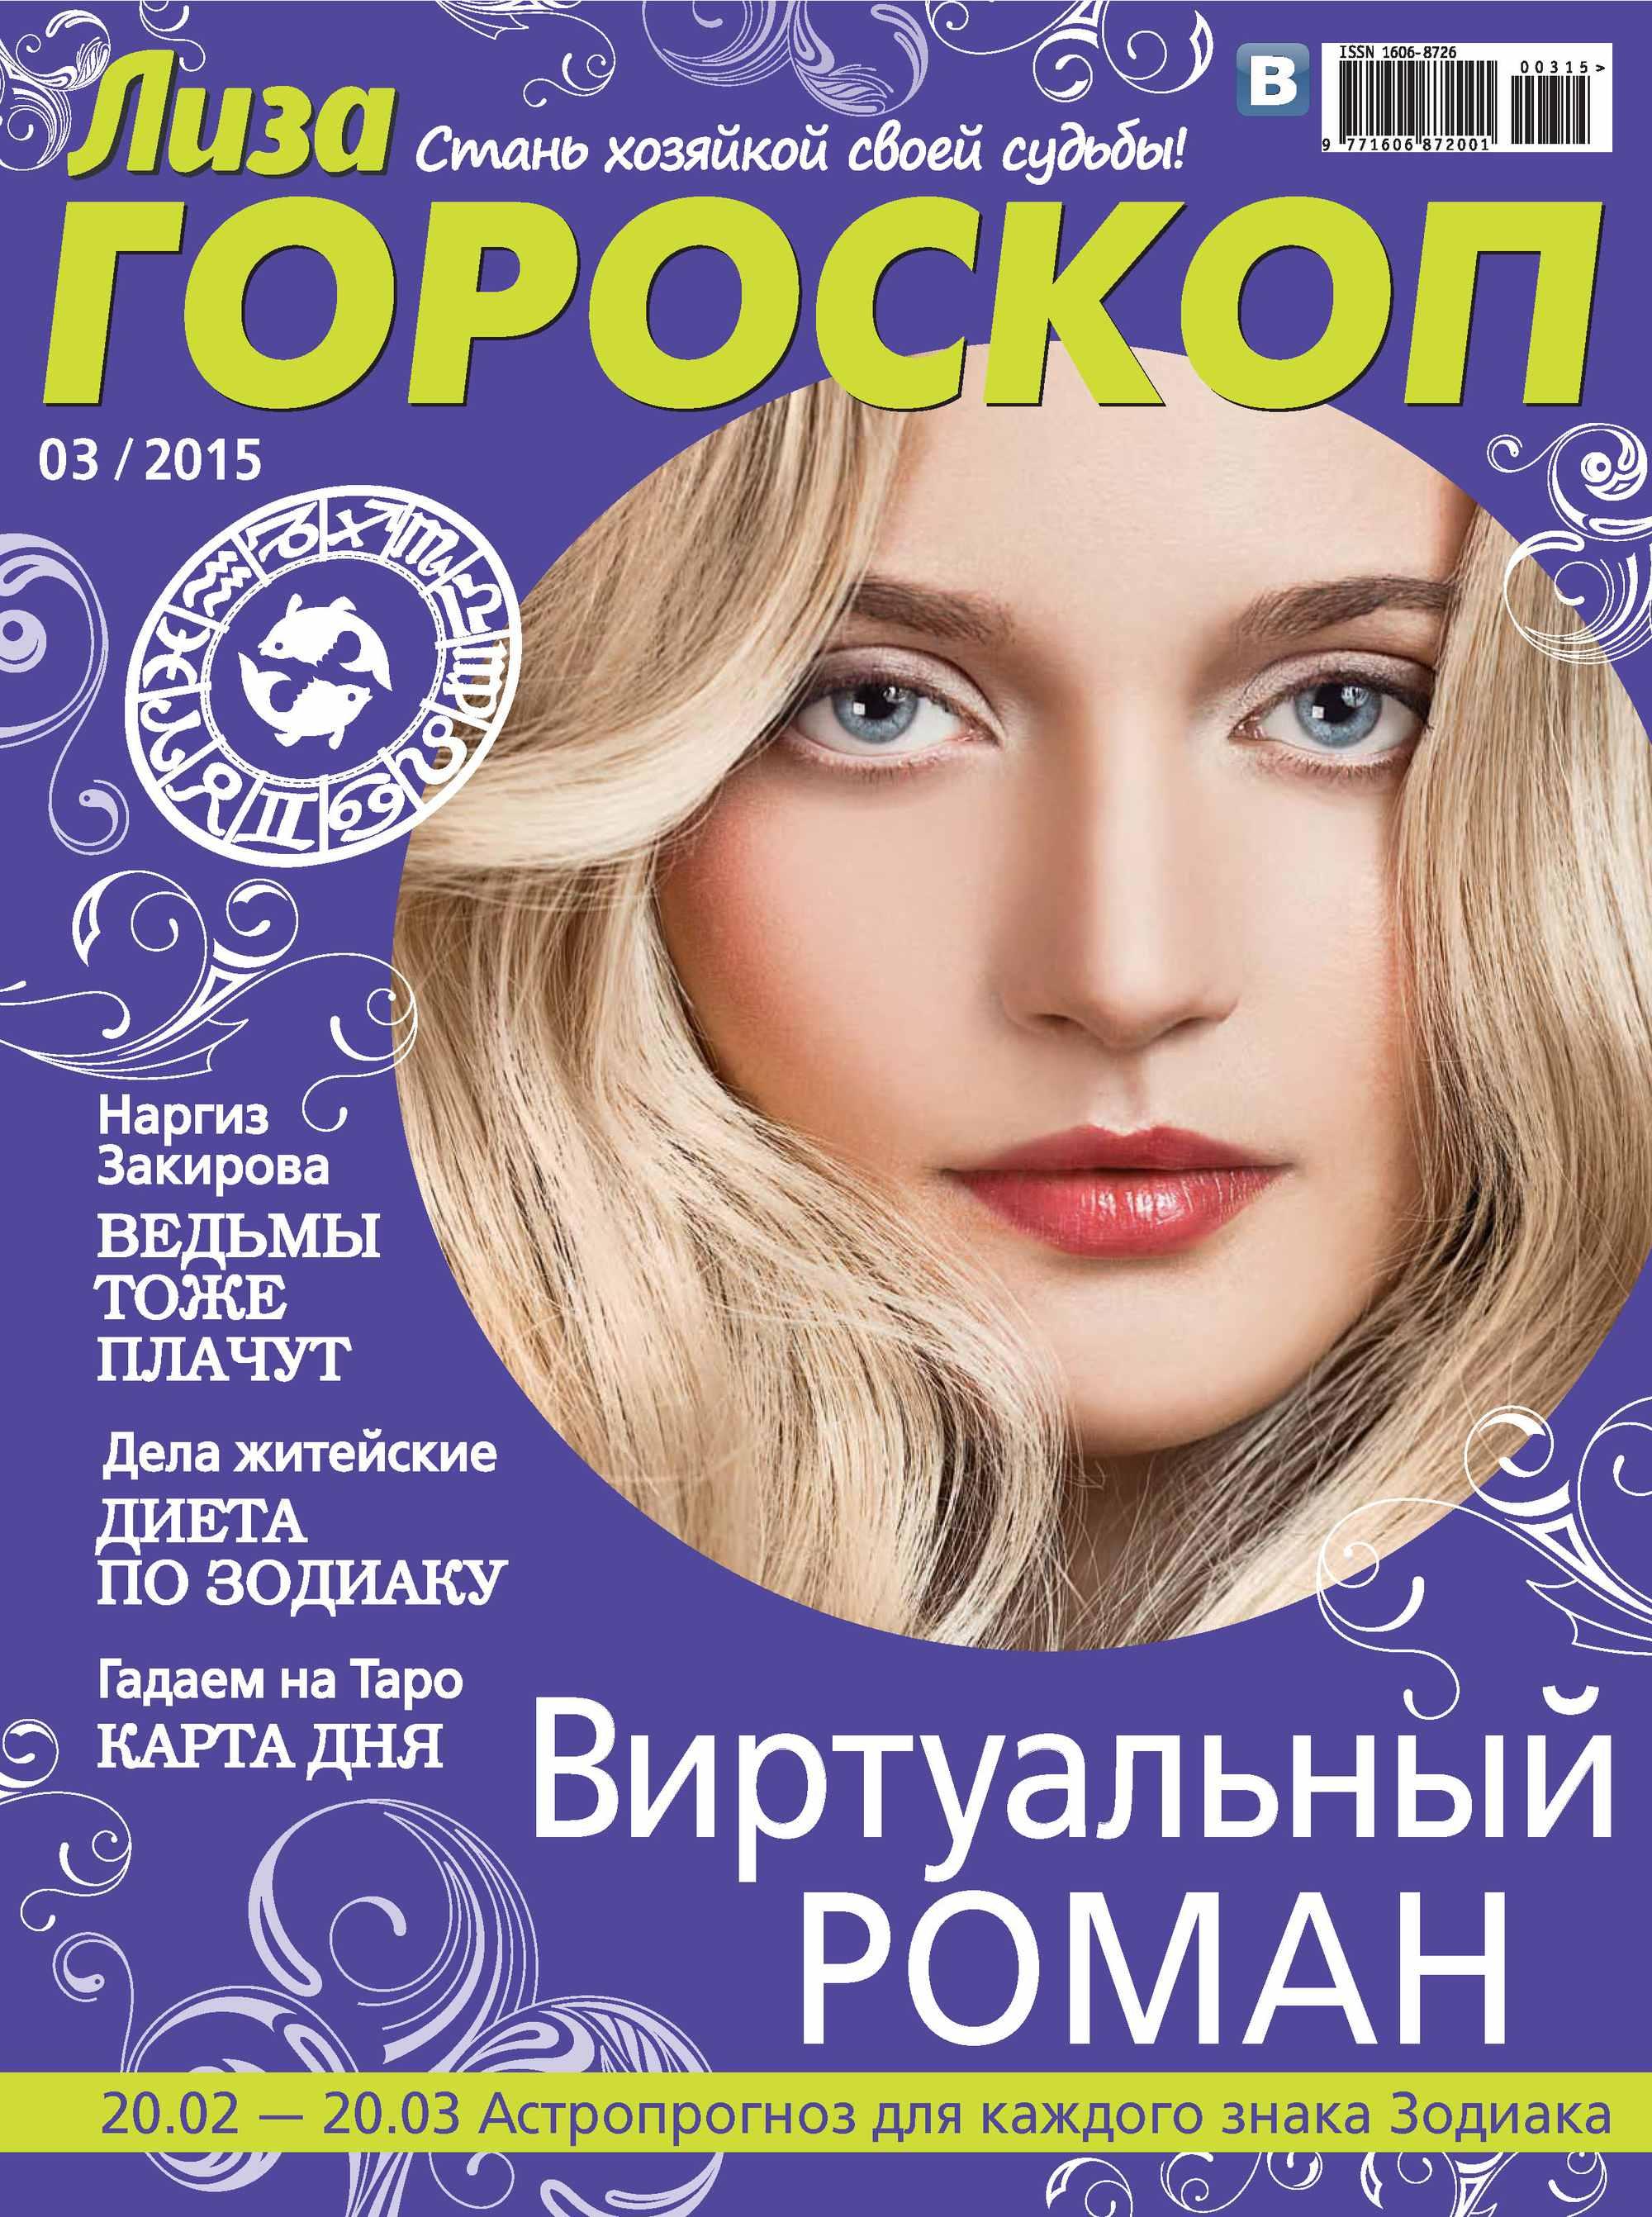 Журнал «Лиза. Гороскоп» № 03/2015